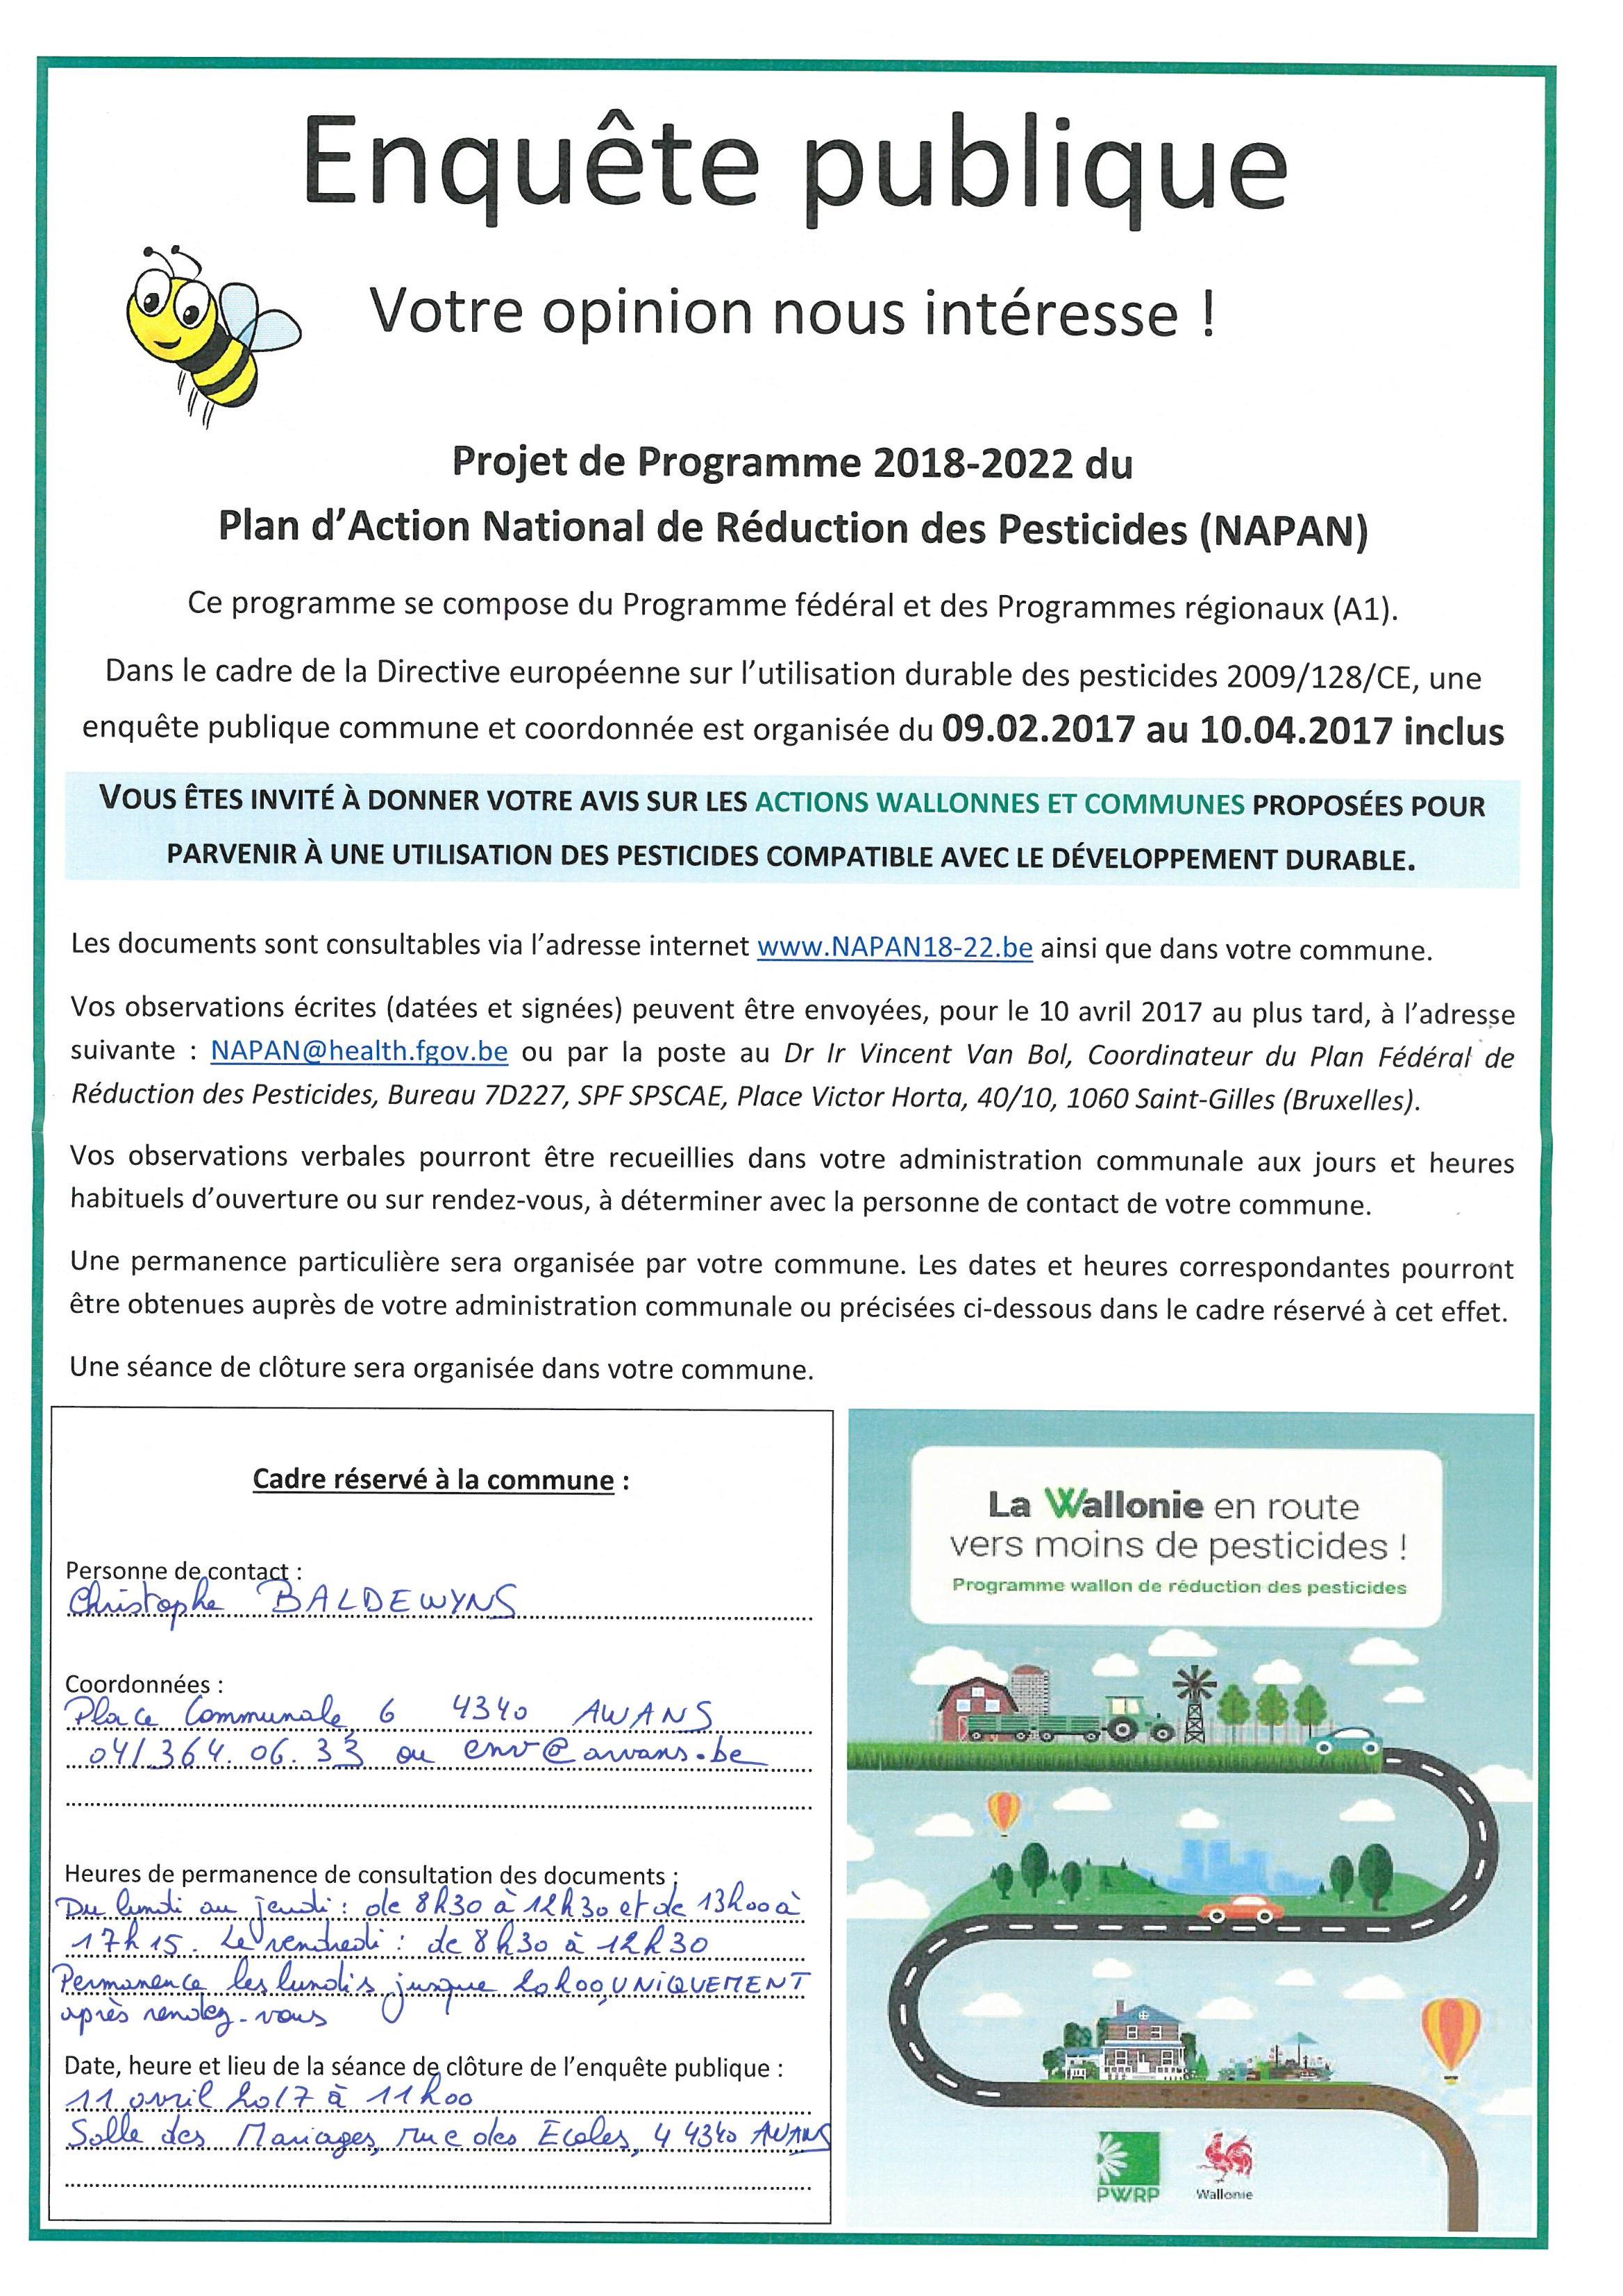 Enquête publique : projet de programme 2018-2022 du Plan d'Action National de Réduction des Pesticides (NAPAN)